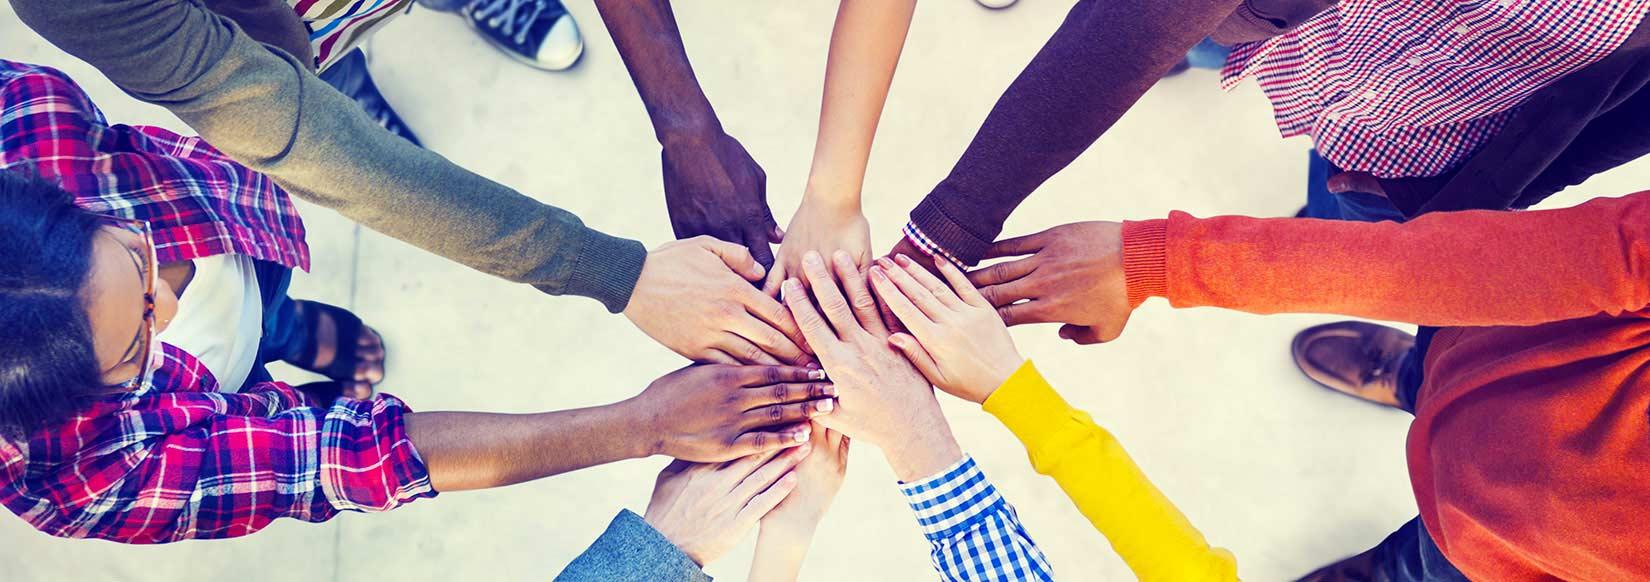 organiser-un-team-building-entreprise-besancon-dans-le-25